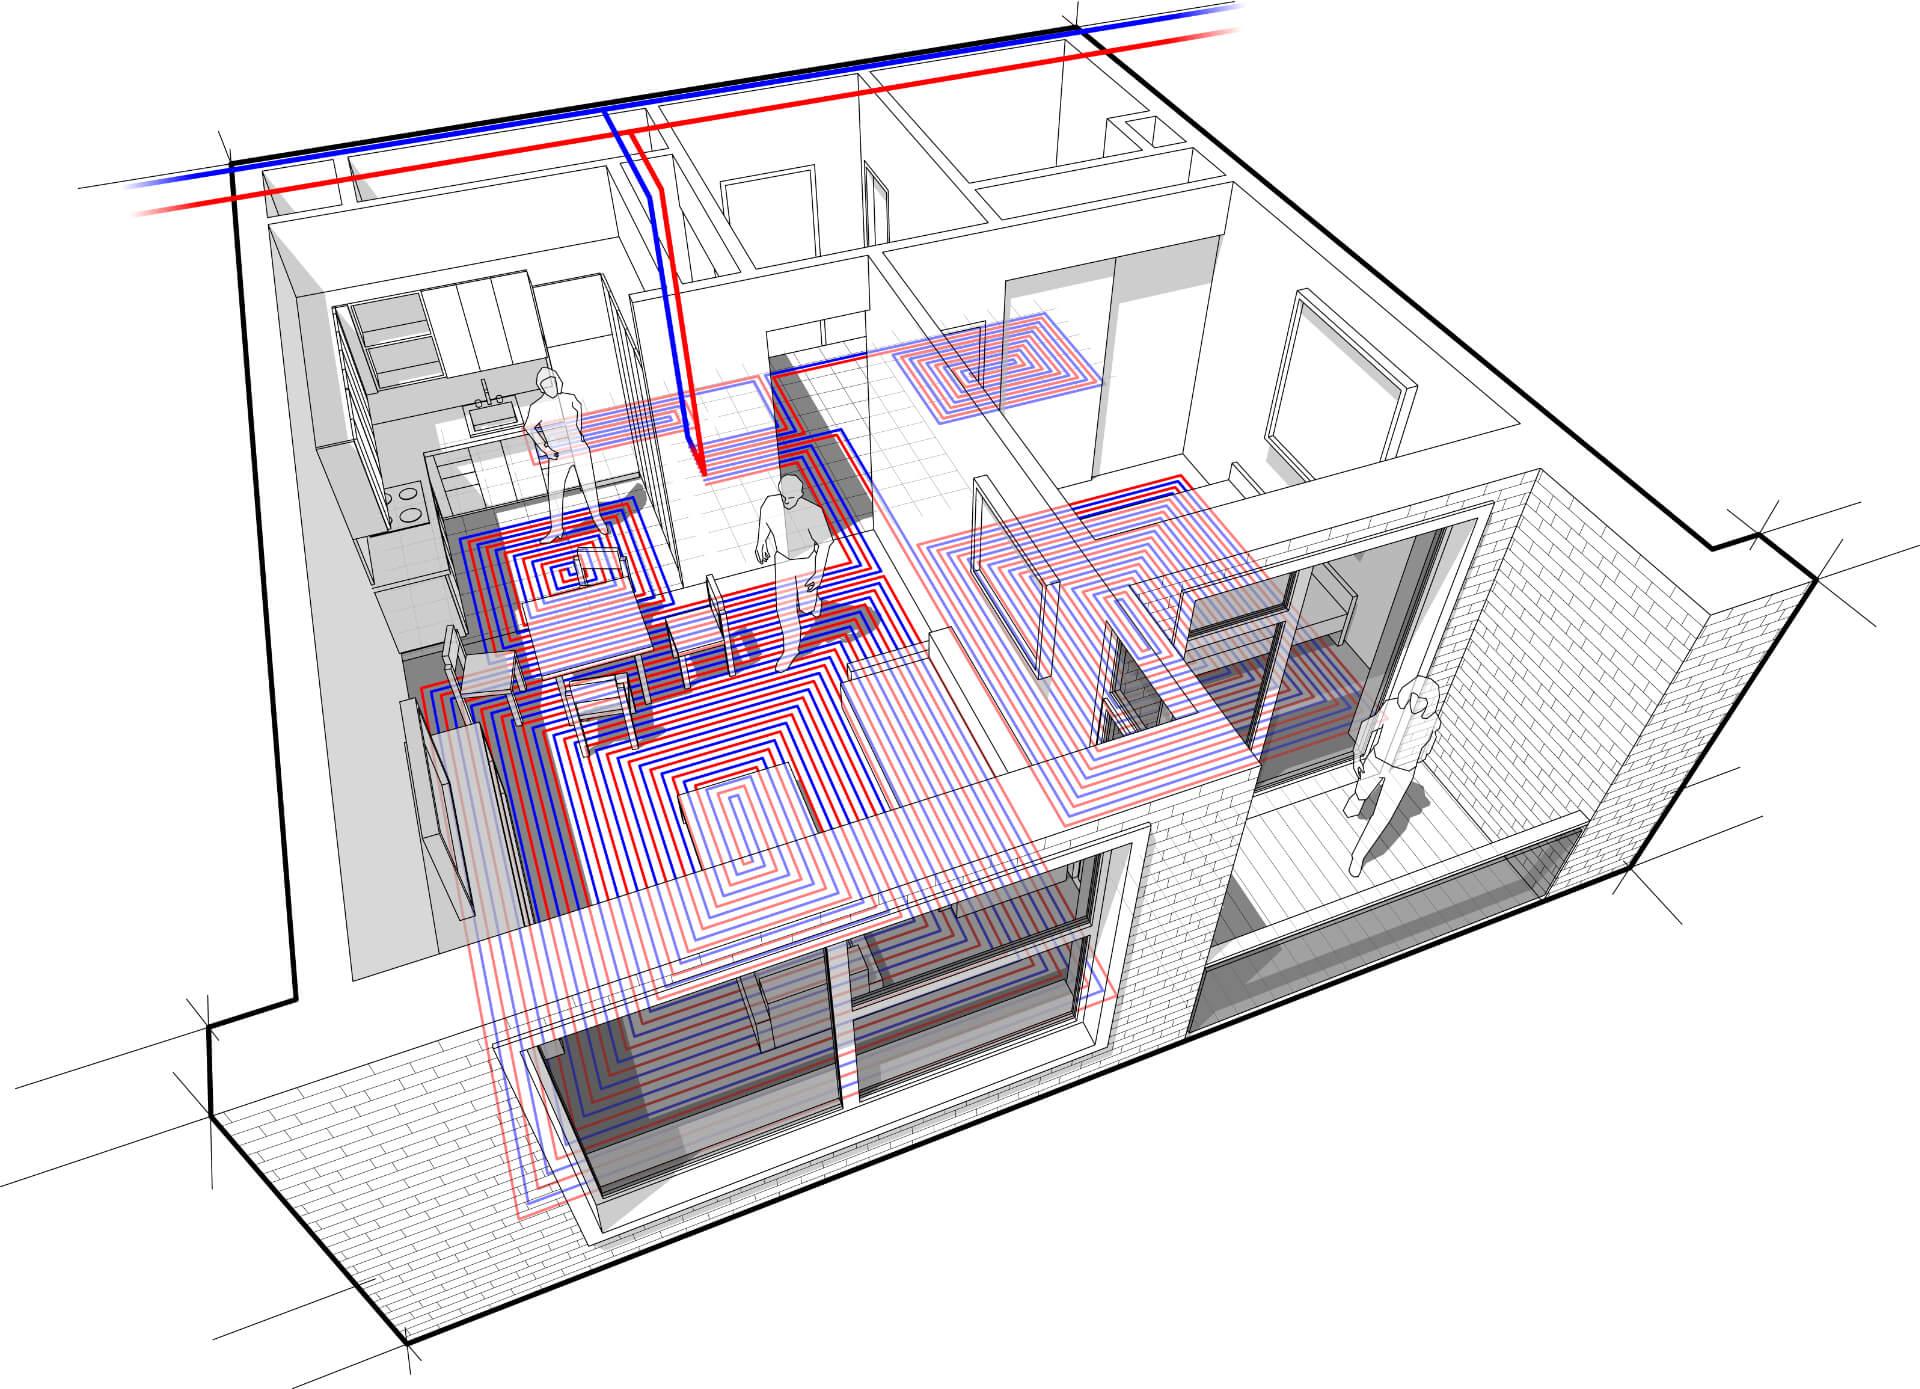 Podlahové vykurovanie a tepelné čerpadlo